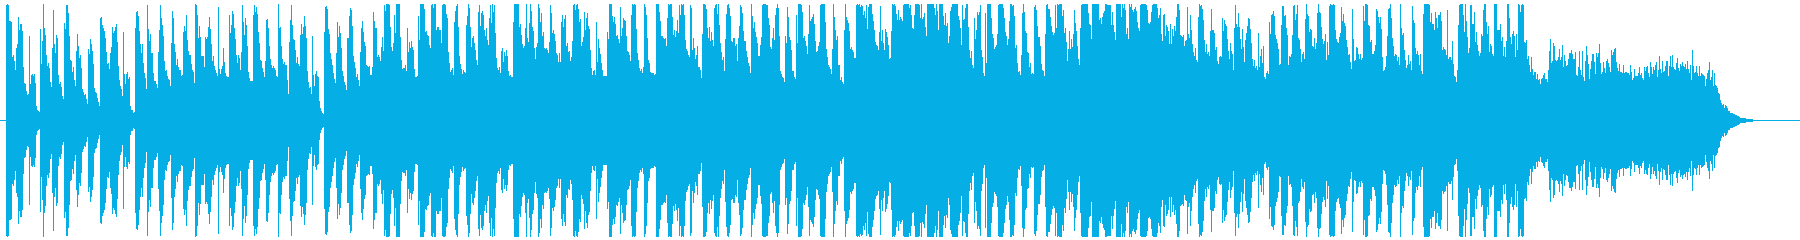 オーガニックな転換音楽の再生済みの波形